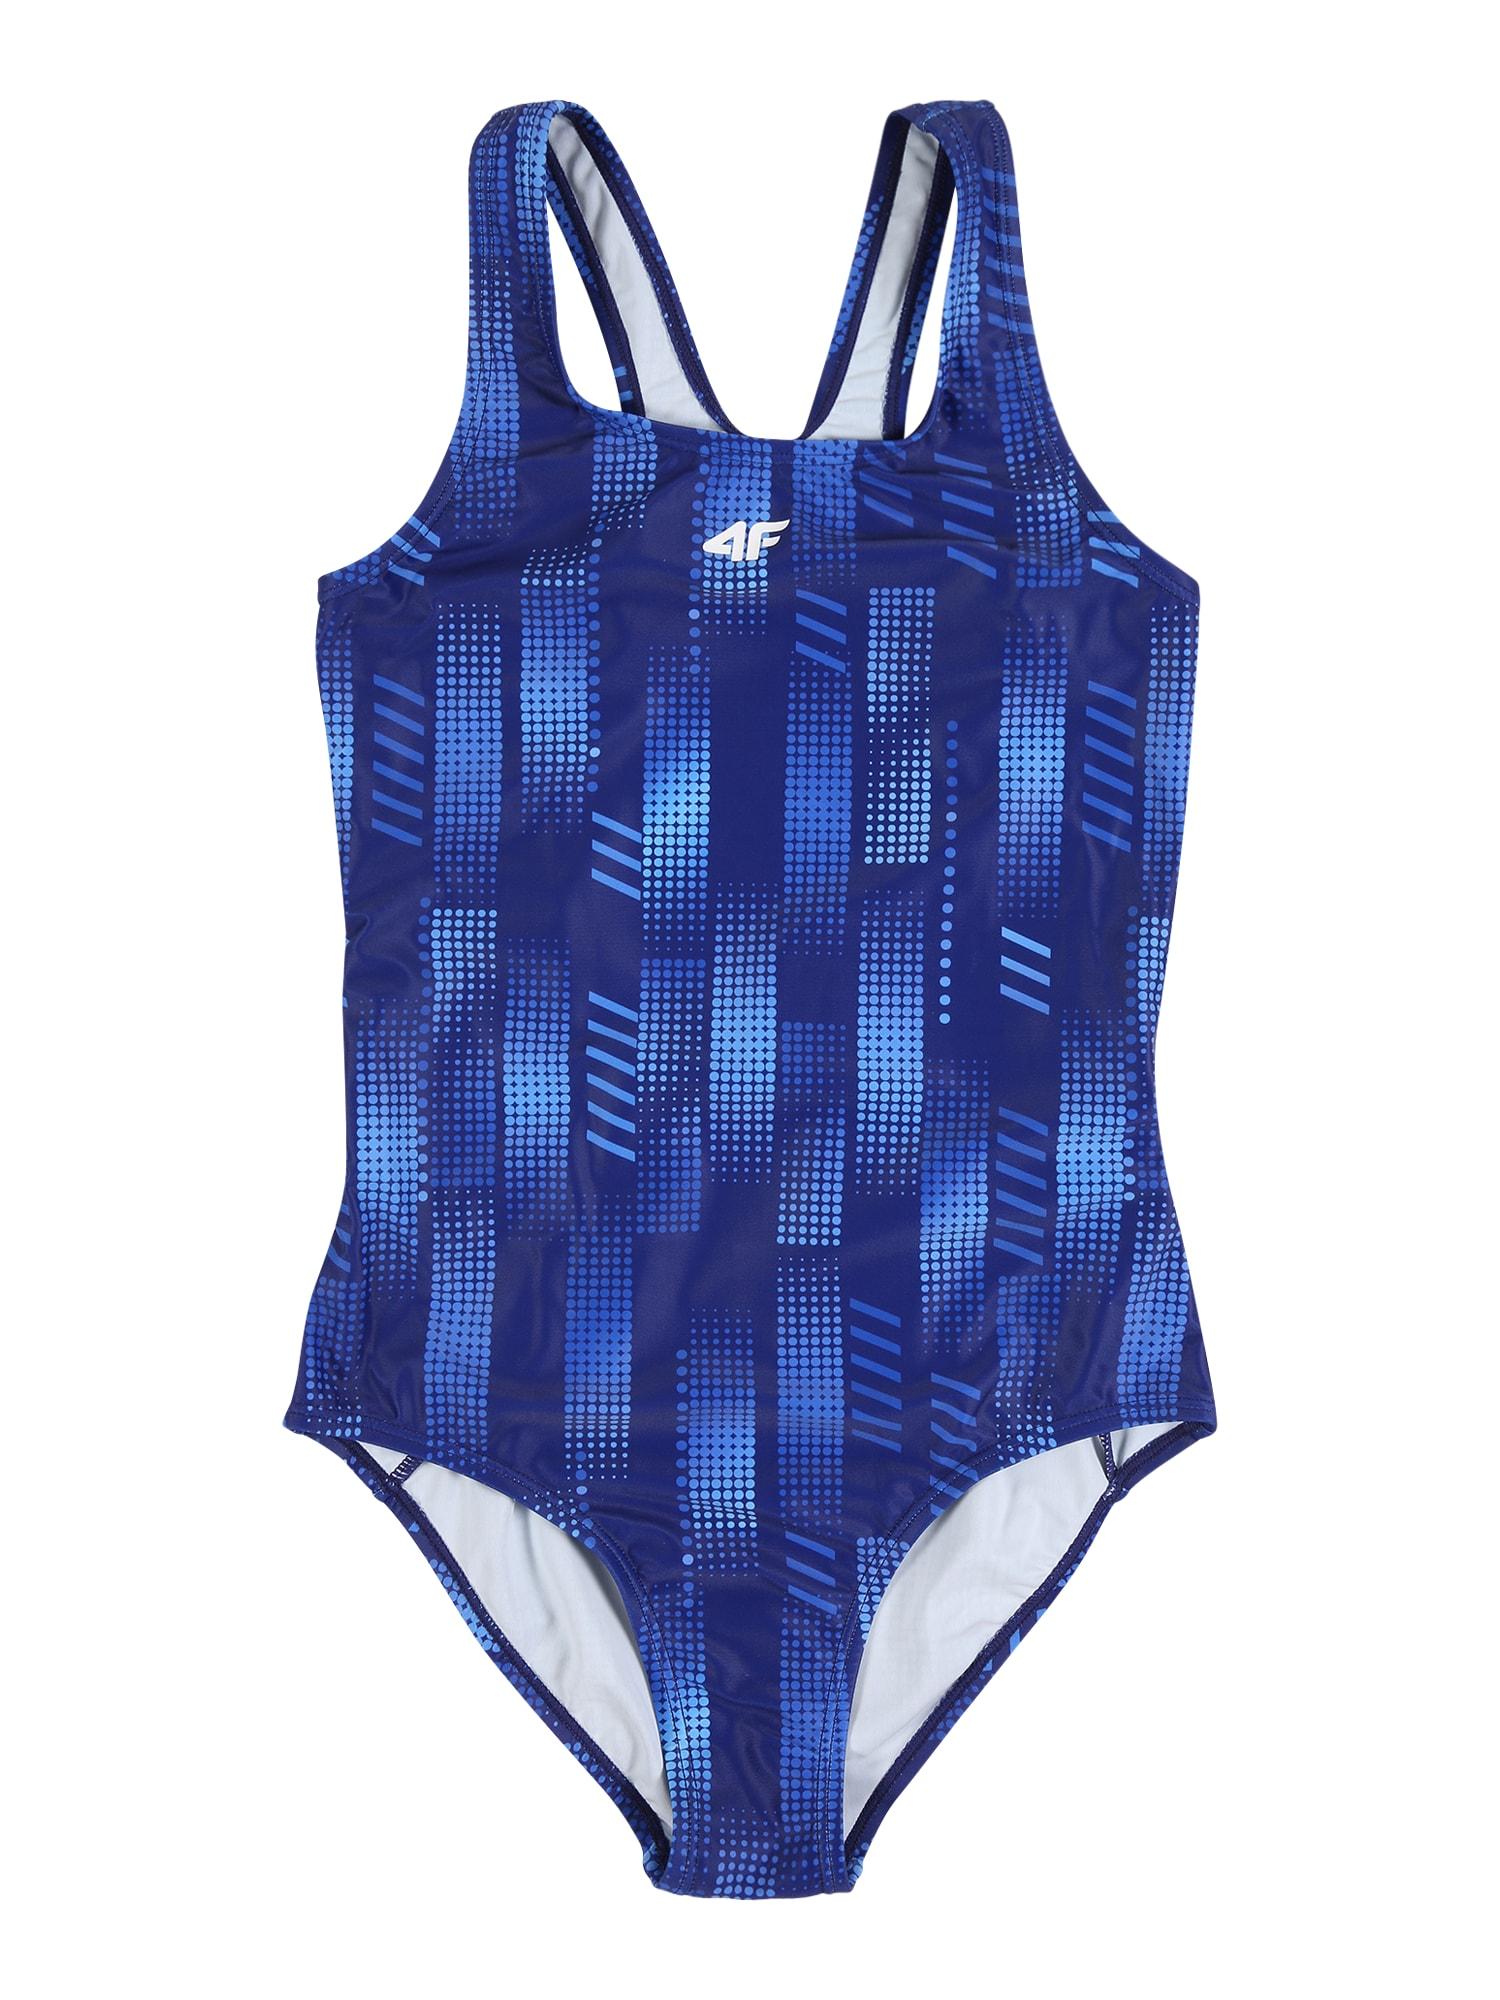 4F Sportovní plavky  kobaltová modř / námořnická modř